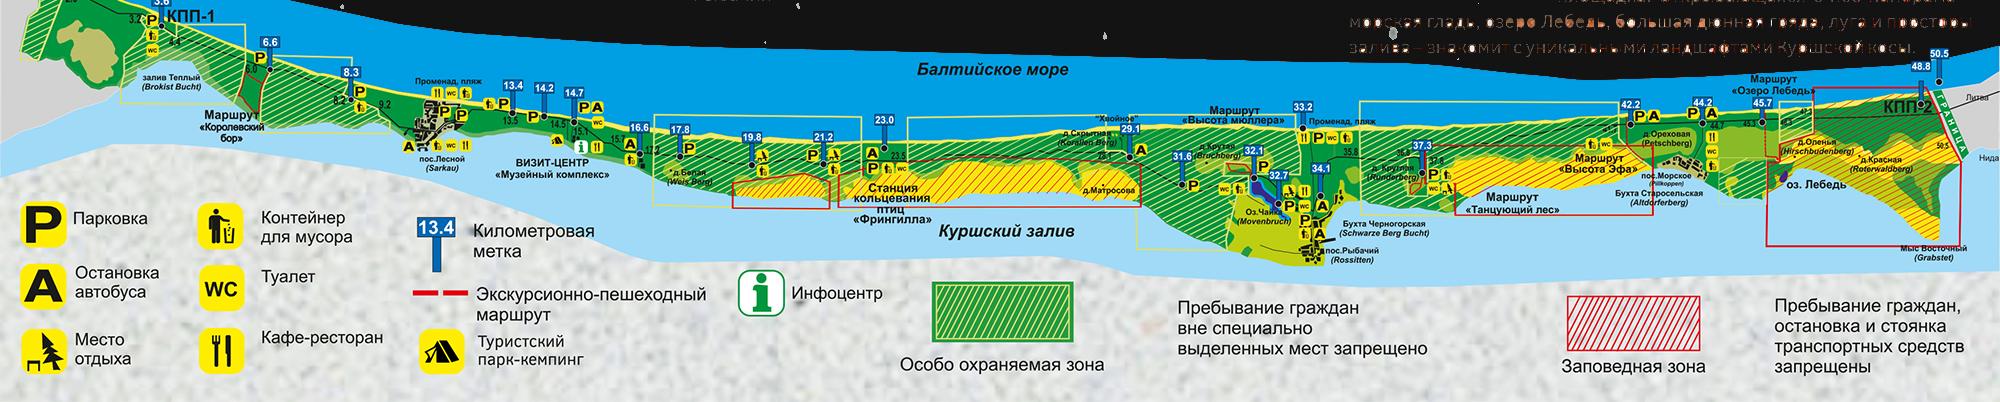 Куршская коса карта